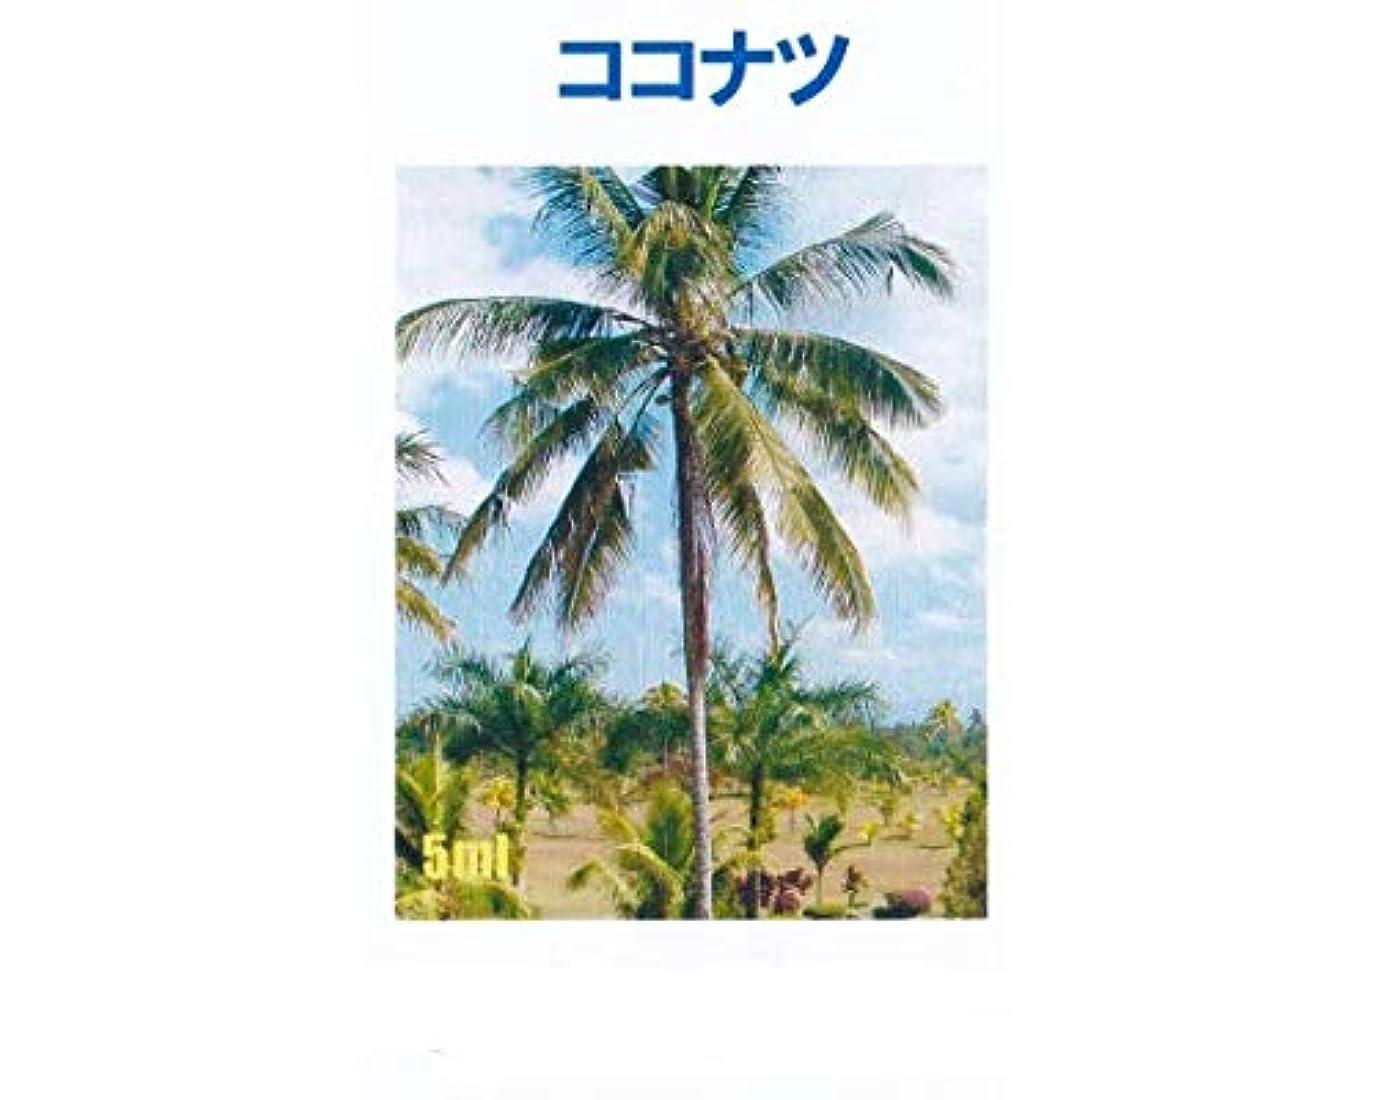 校長うがい読書をするアロマオイル ココナツ ココナッツ 5ml エッセンシャルオイル 100%天然成分